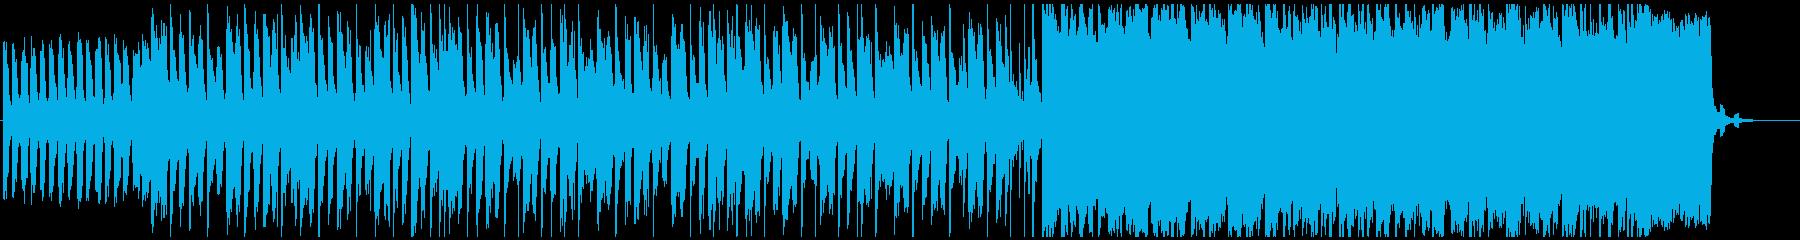 エッジの効いたパワフルなロックトラ...の再生済みの波形